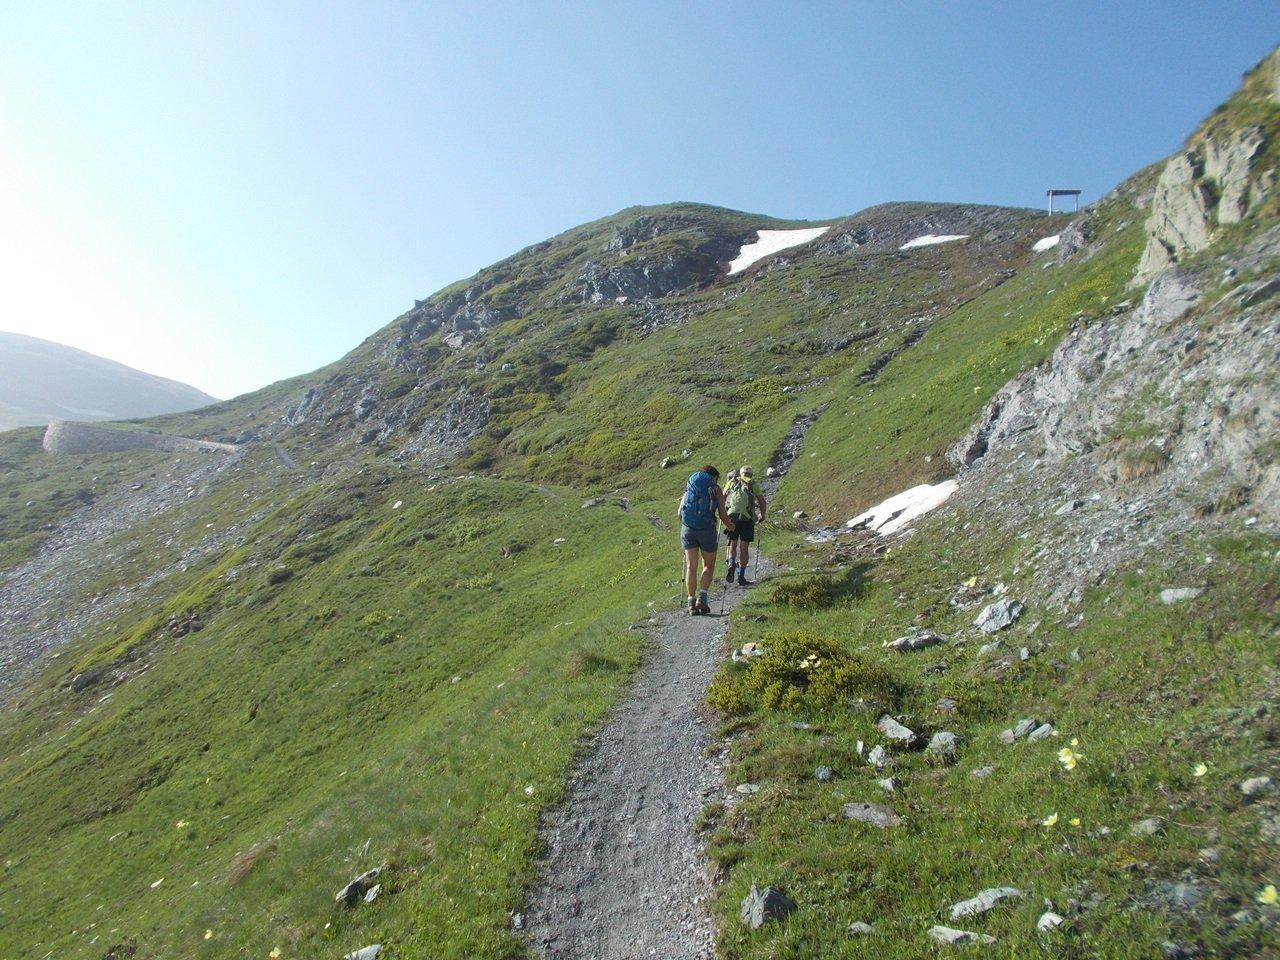 il bel sentiero che sale al Colle del Mulo